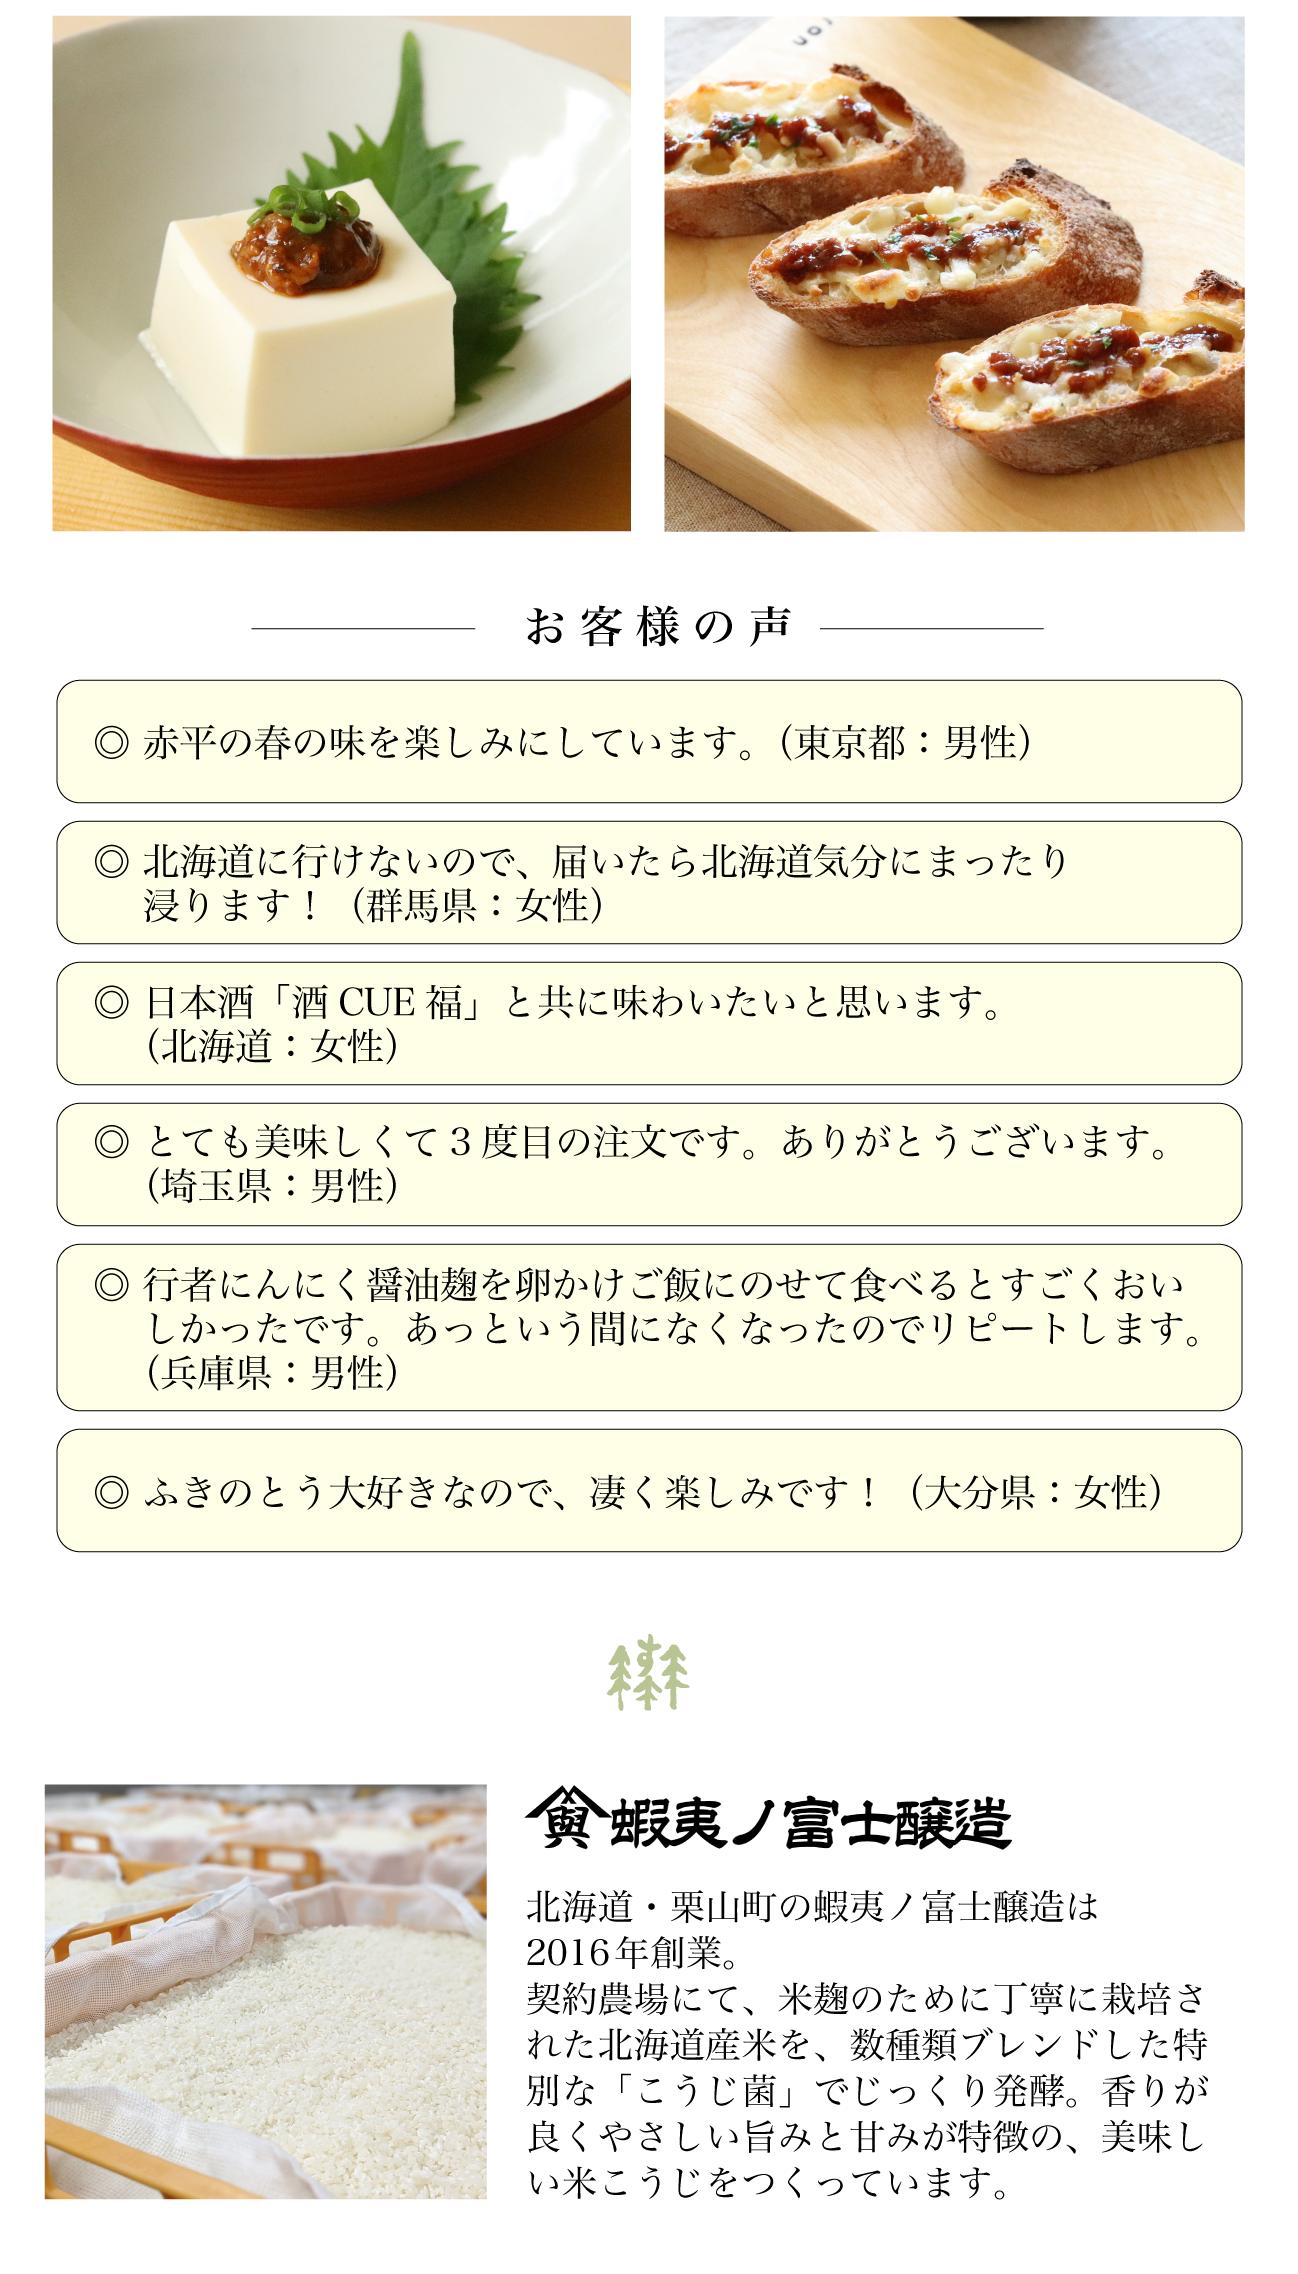 suzuinomori2021_web1_03.png